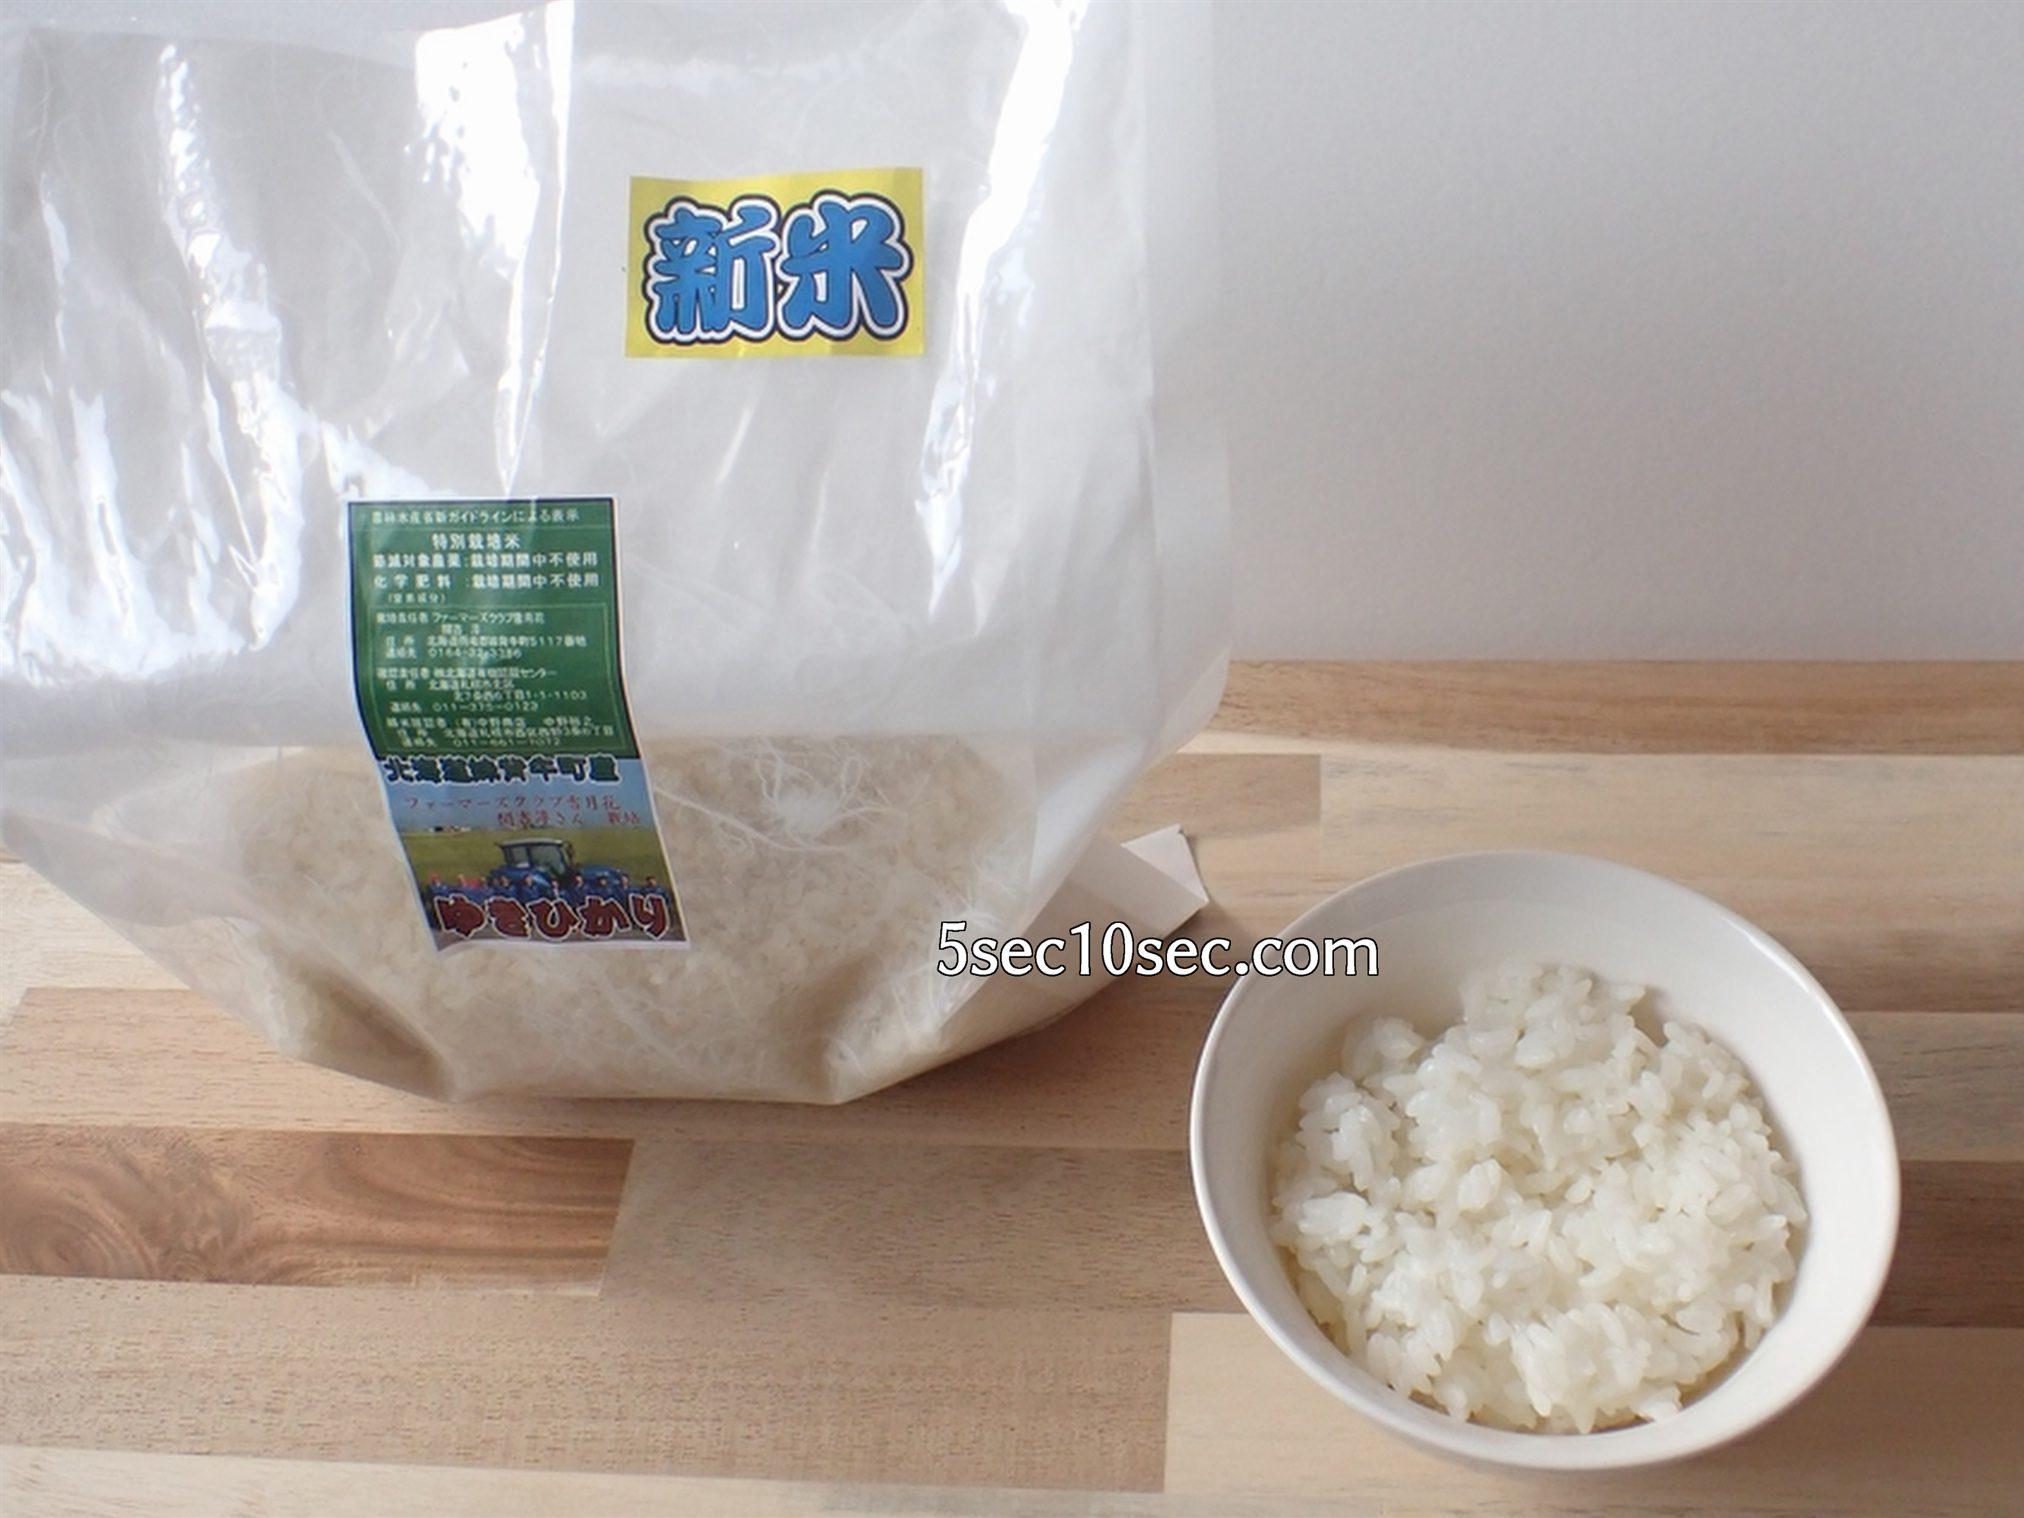 農薬不使用 北海道産 ゆきひかり 生産者はファーマーズ・クラブ雪月花 販売店はお米の専門店中野商店 炊飯したお米の写真